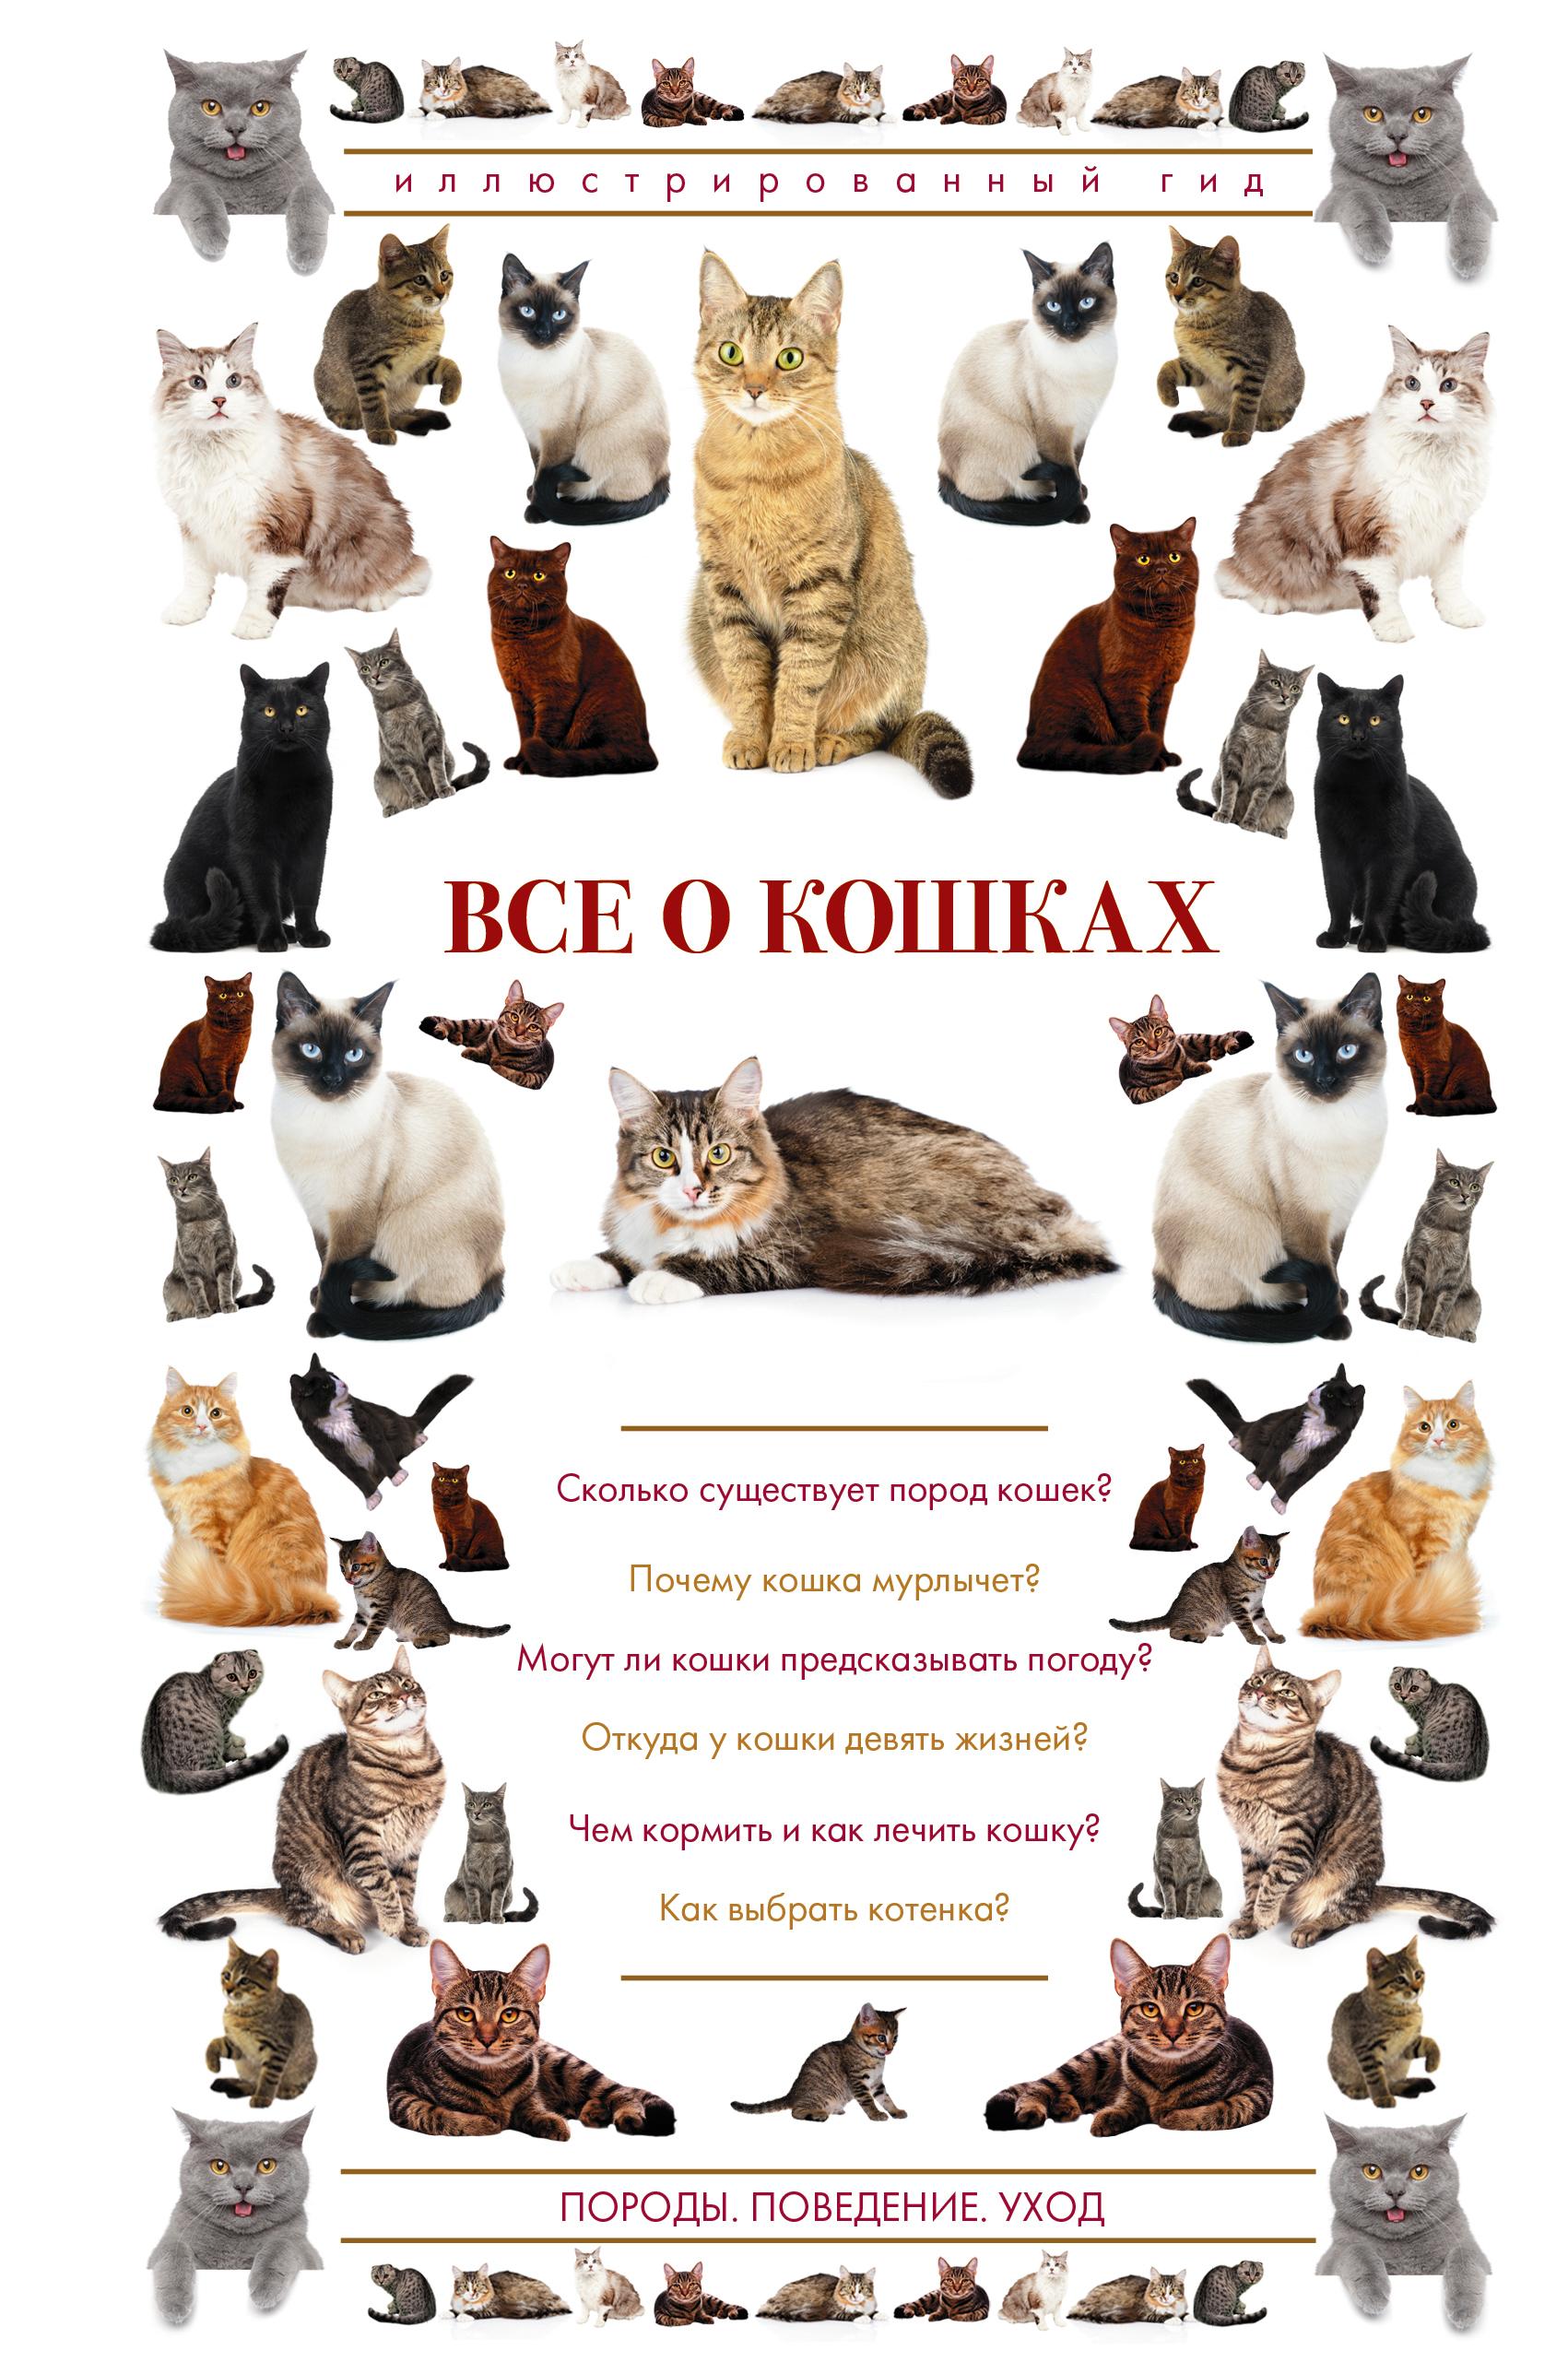 Фото #1: Все о кошках. Иллюстрированный гид